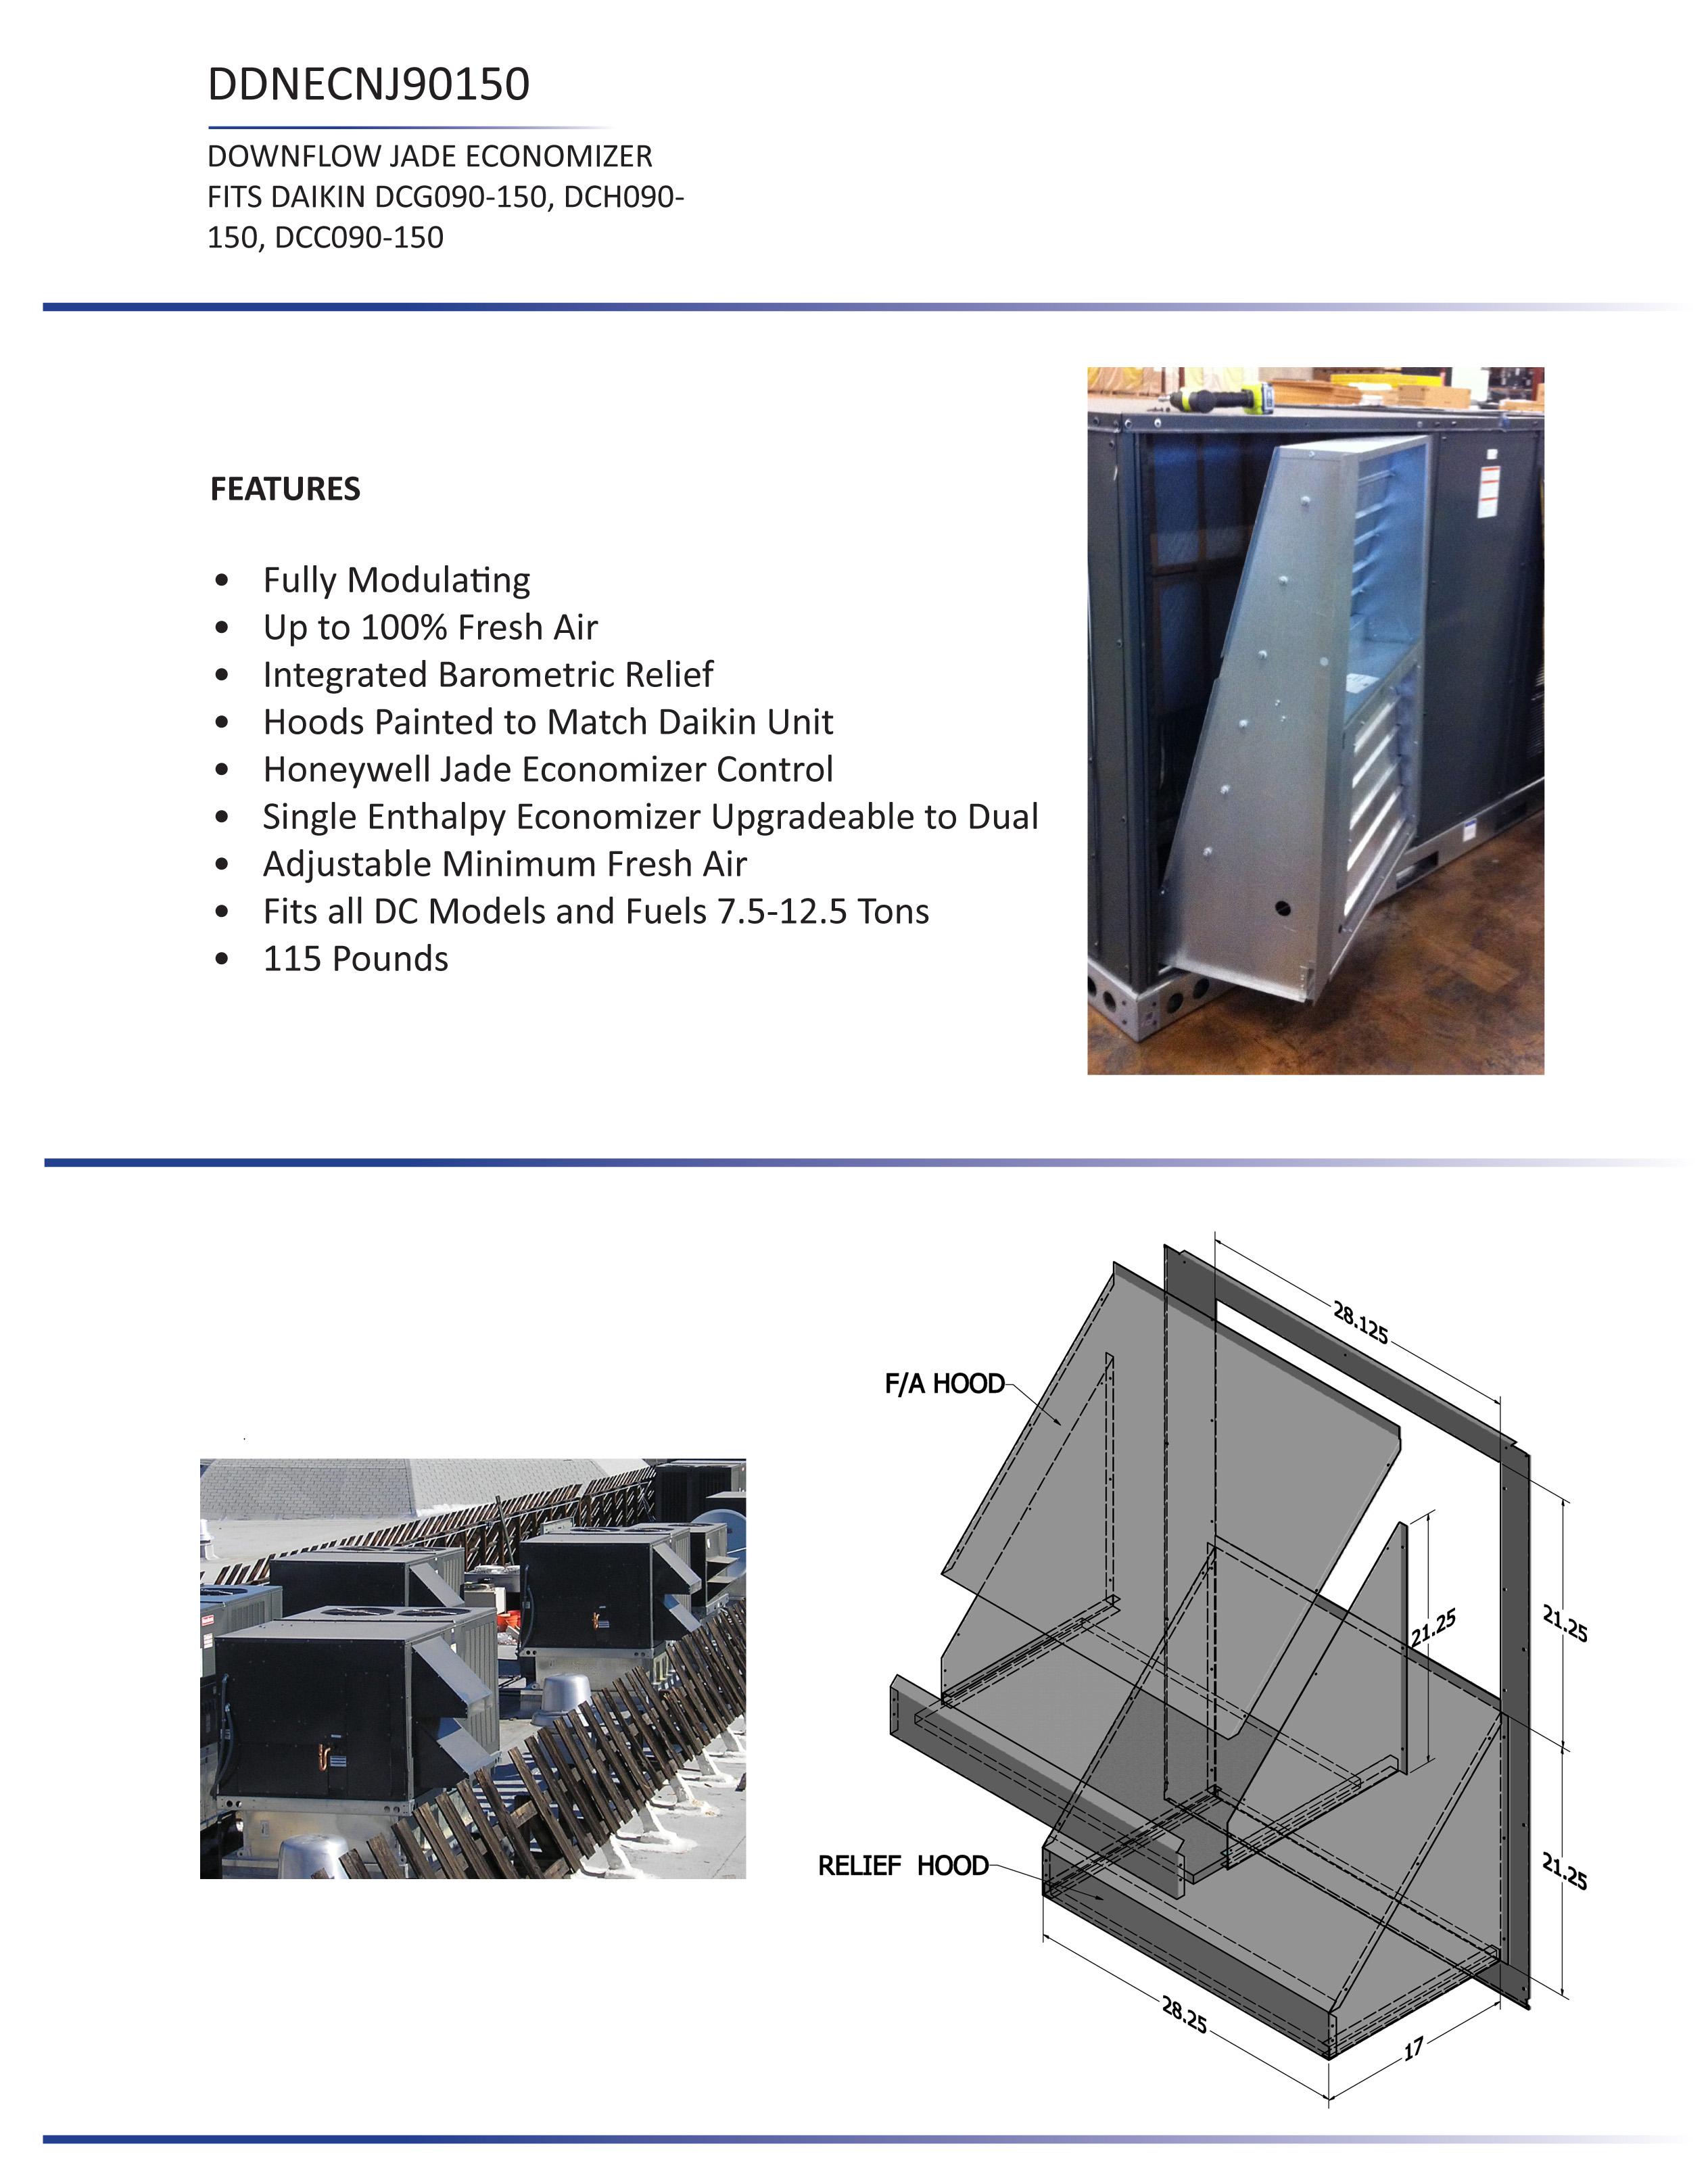 7 5 12 5 Ton Daikin Downflow Economizer Dcc Dcg Dch